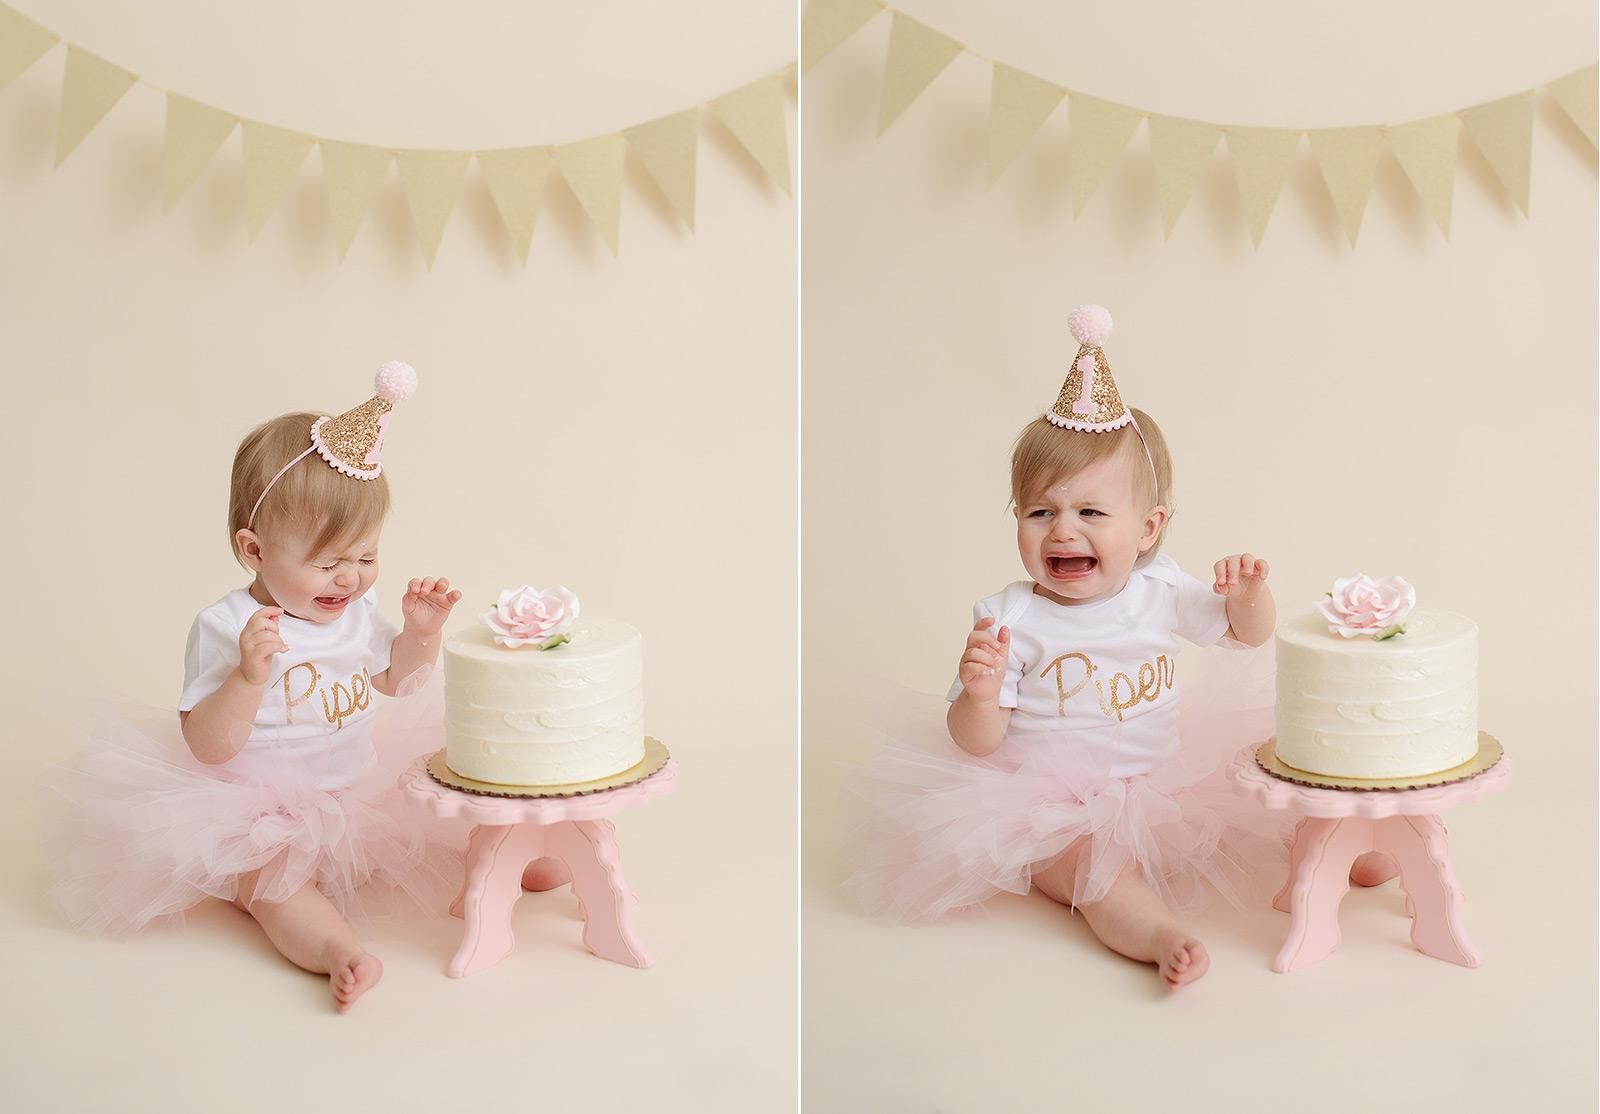 Baby girl in pink tutu smashing cake and crying